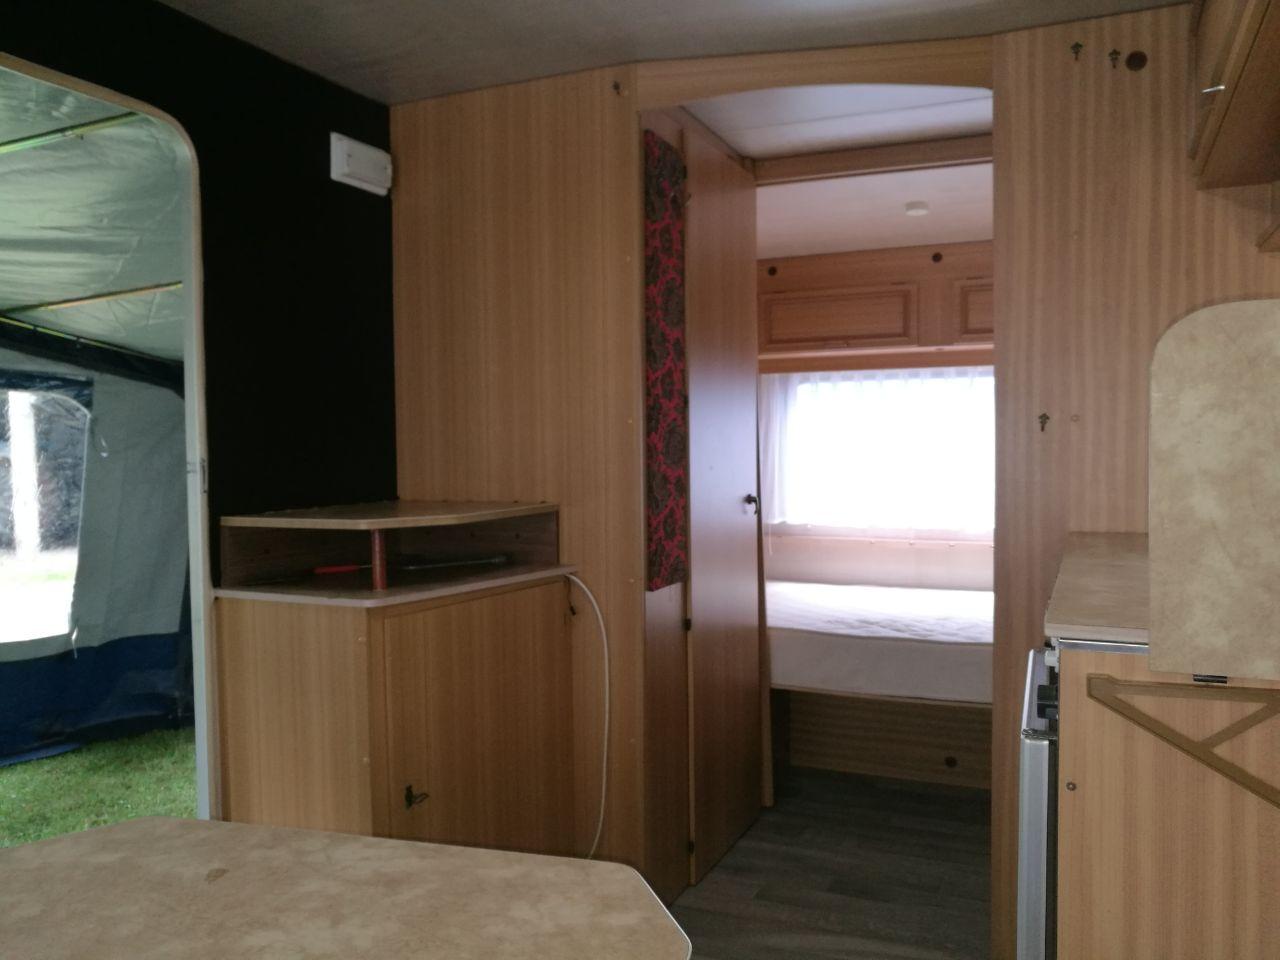 Etagenbett In Wohnwagen Einbauen : Shir khan oldschoolcamper wohnwagen wohnmobil vermietung